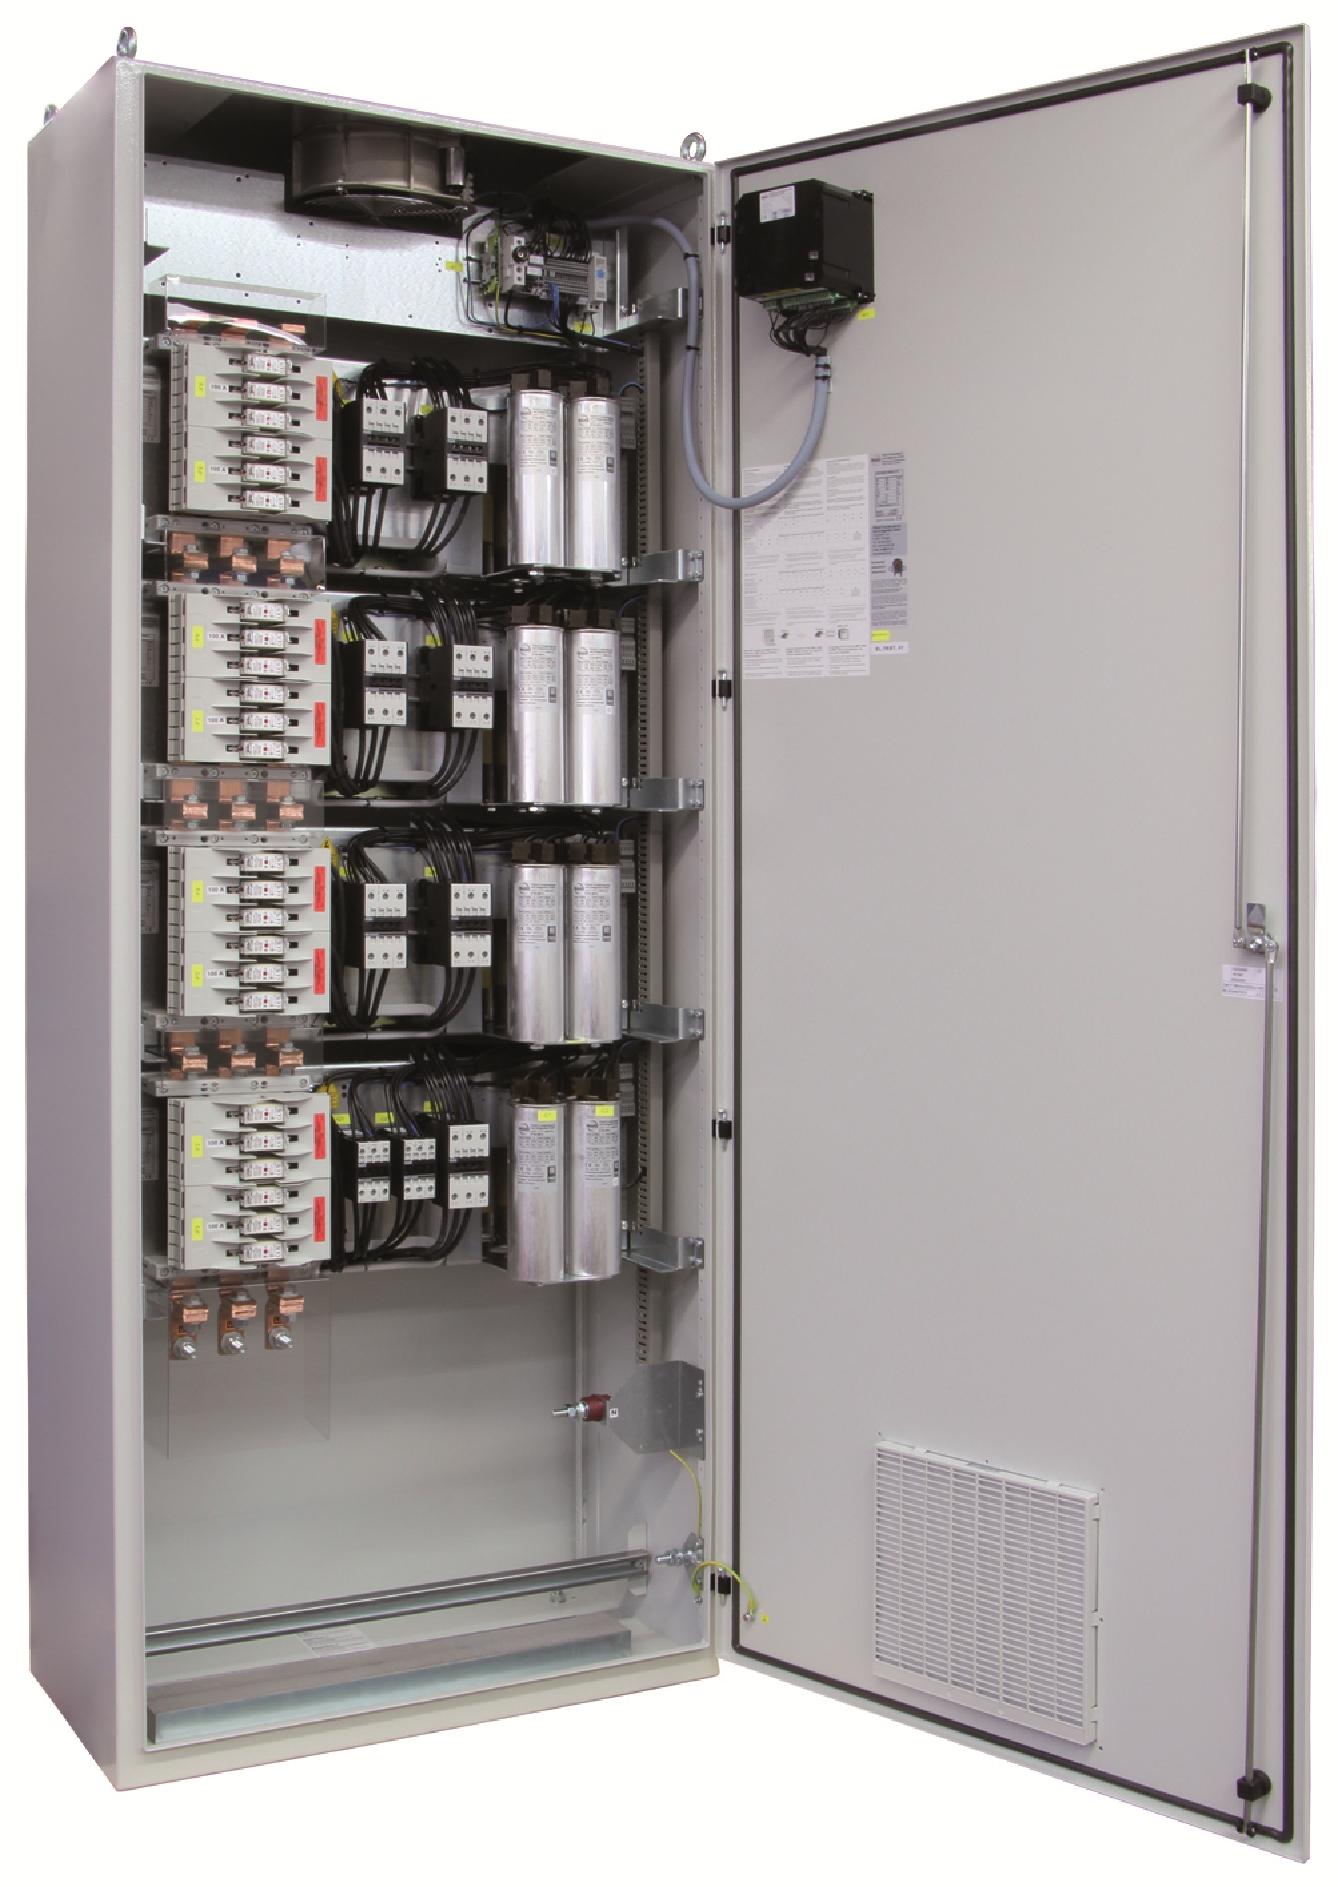 1 Stk Kompensation LSFC 14% 150/25kvar 600x2000x600mm FR3422626-